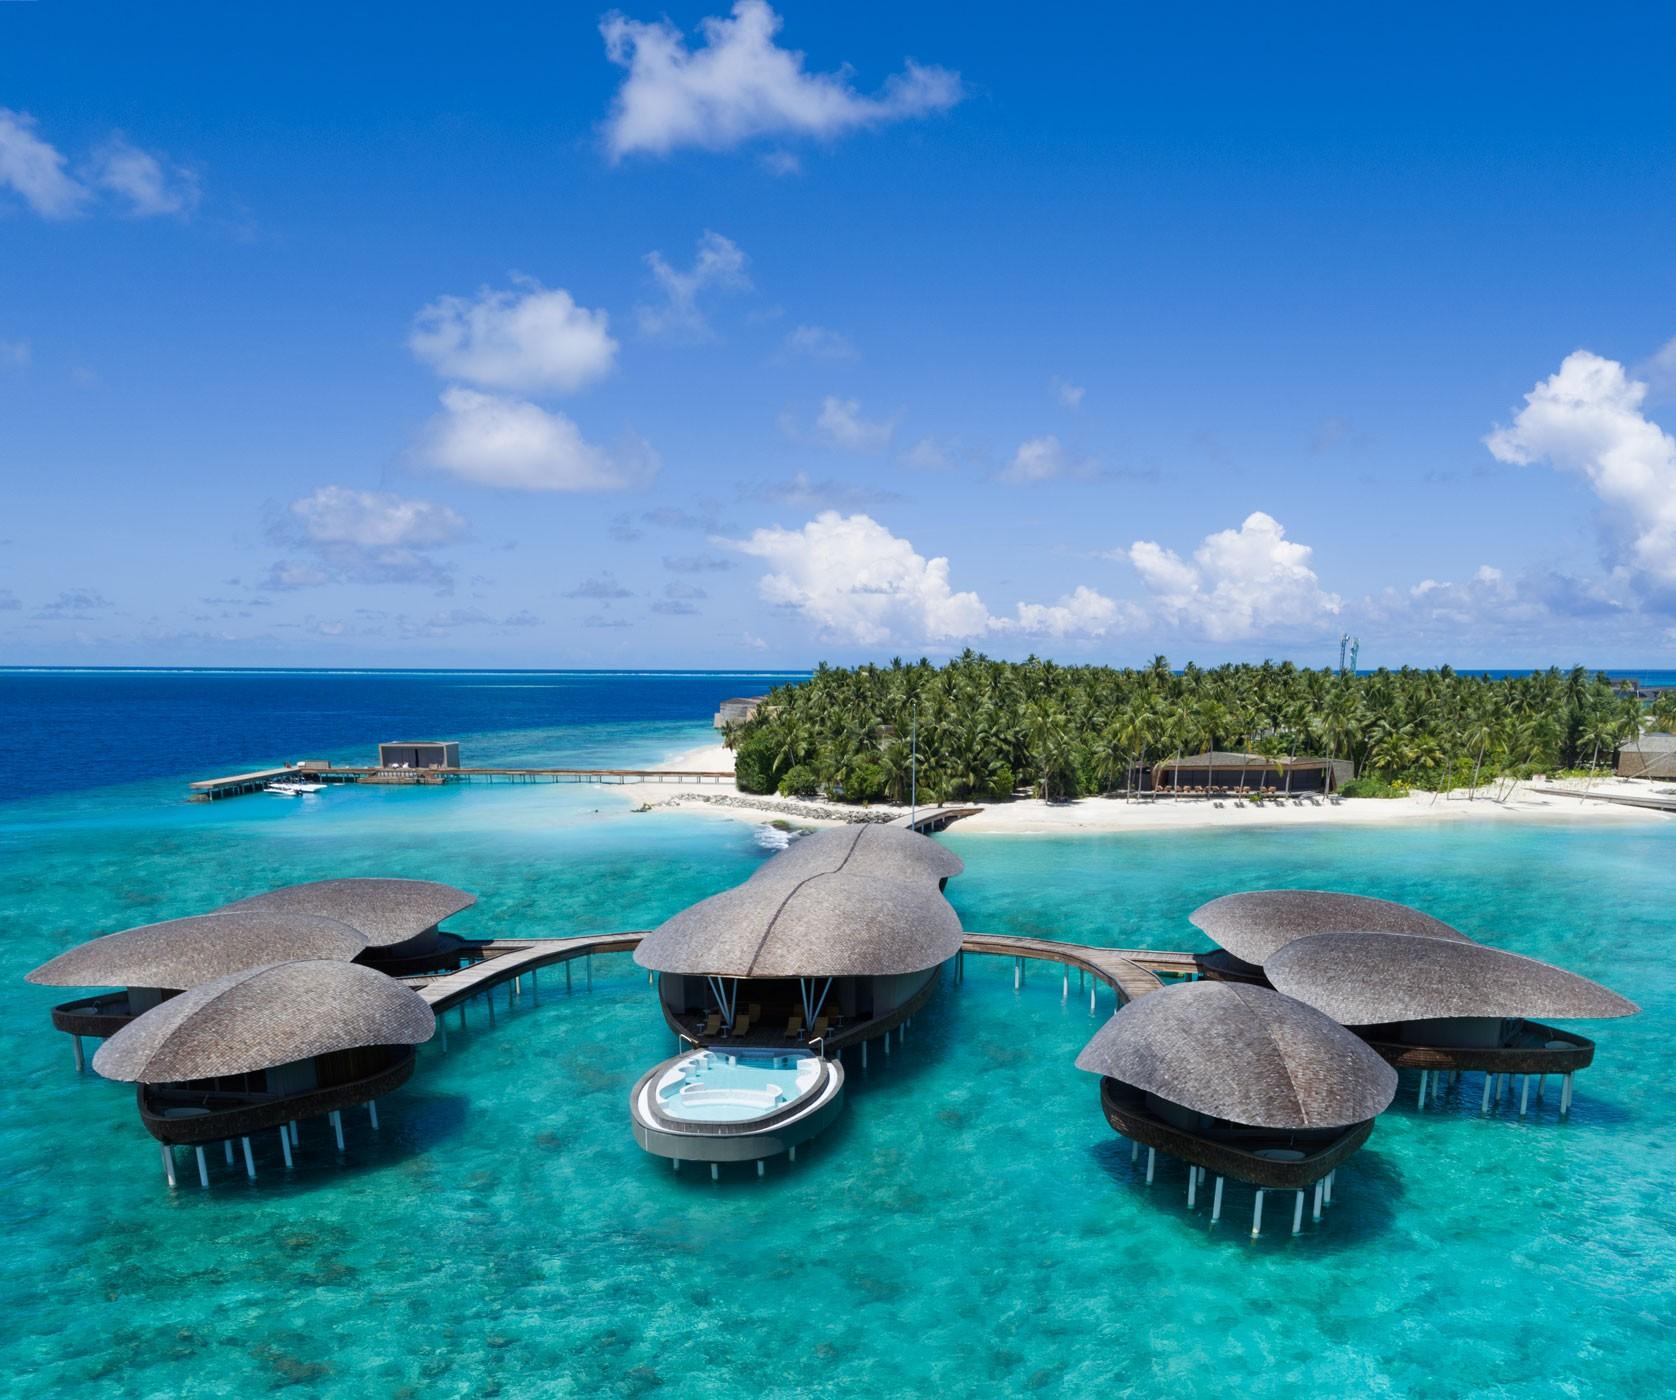 VommuliIsland_Maldives_010